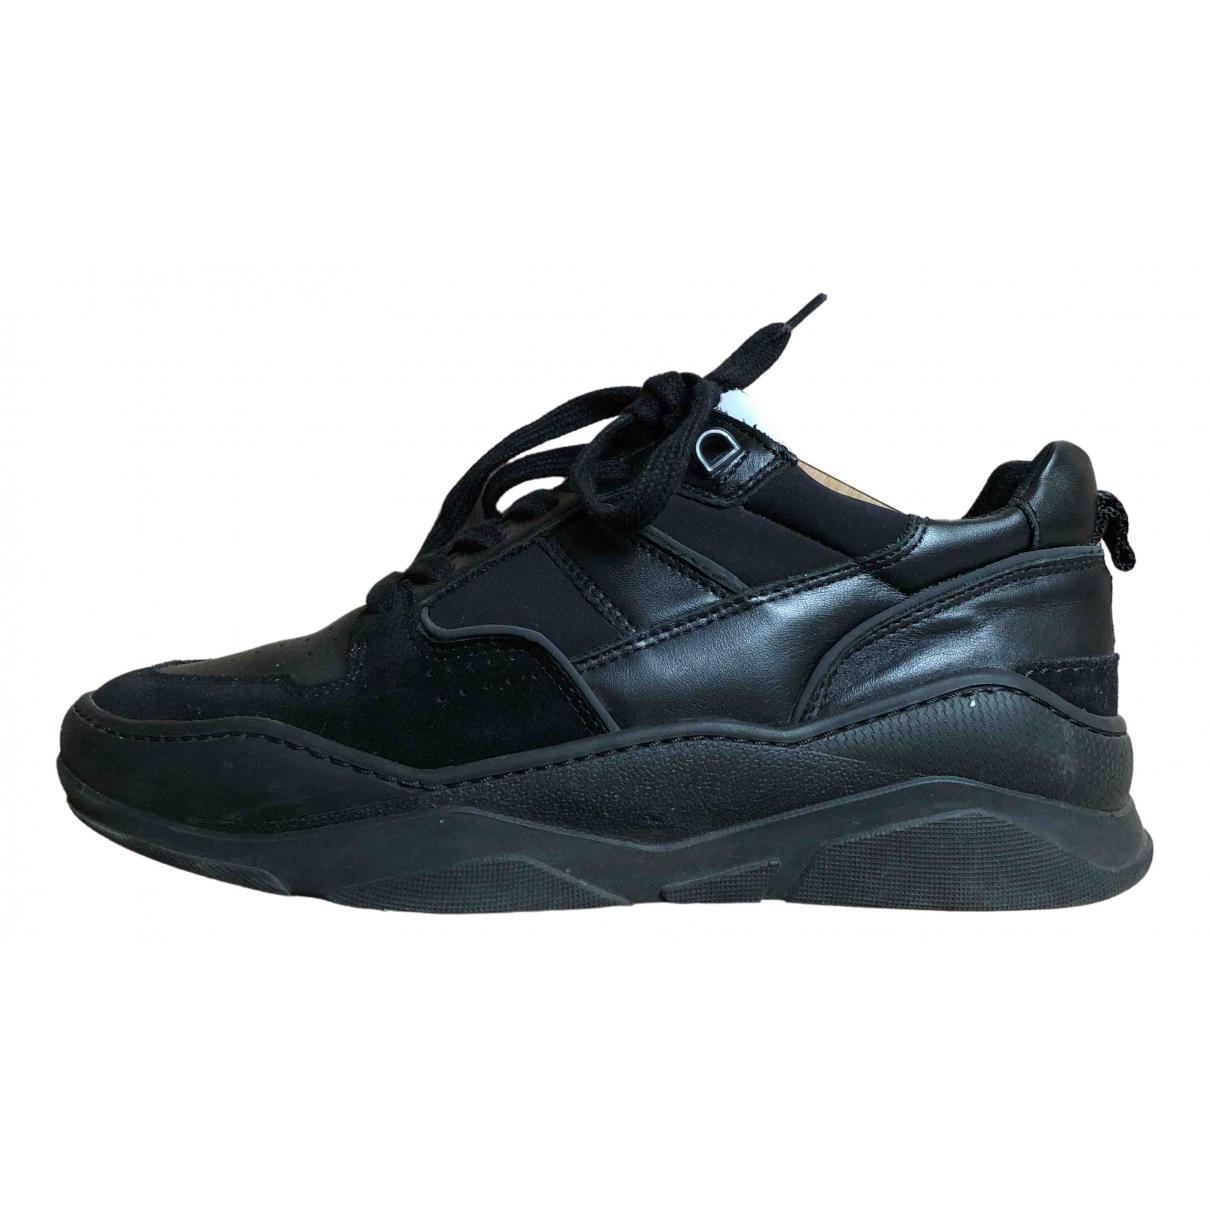 Ami - Baskets   pour homme en cuir - noir